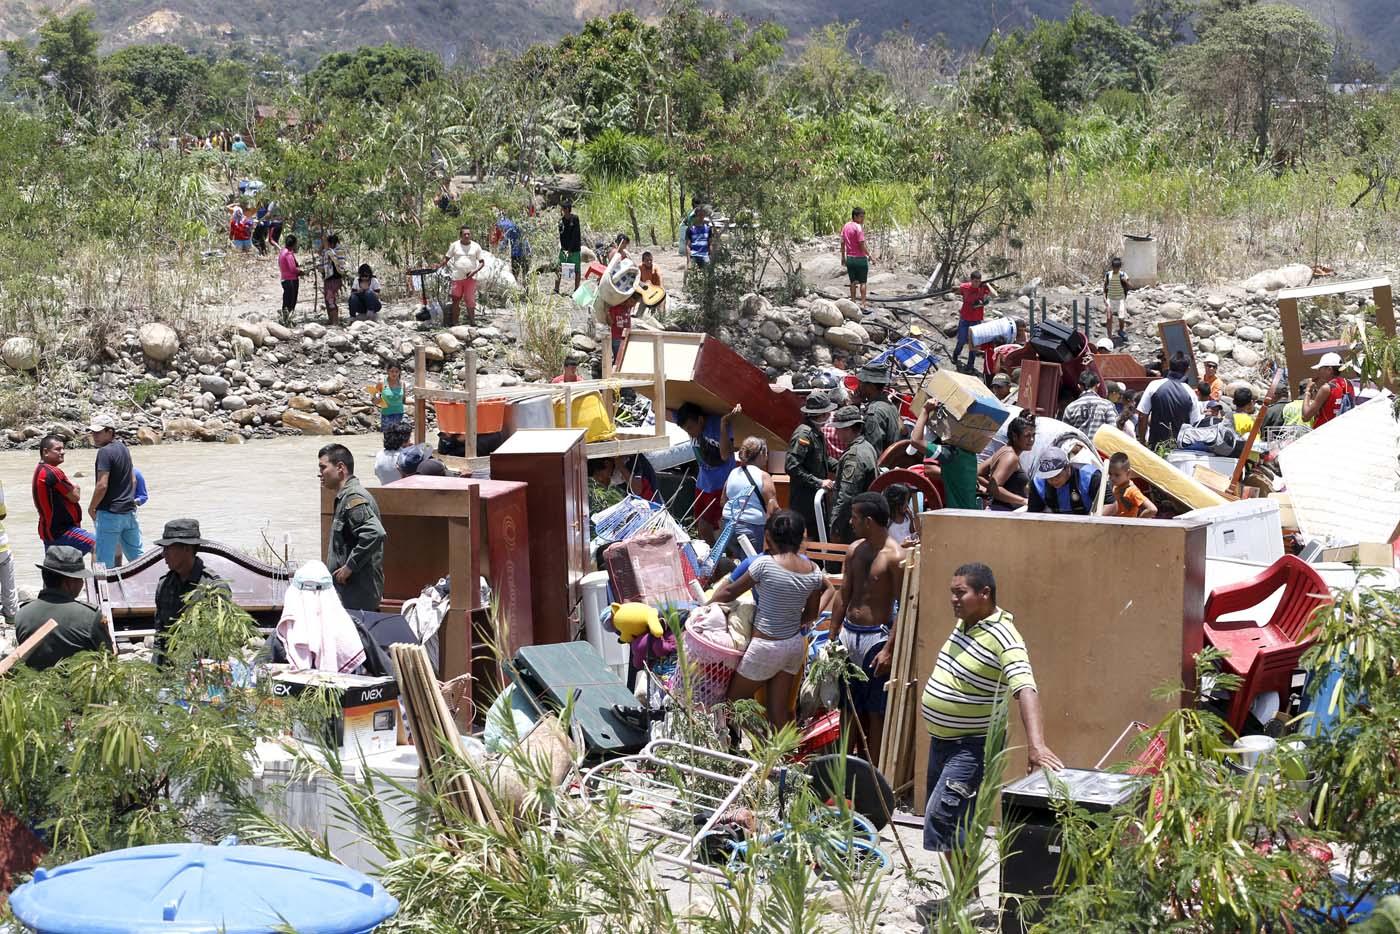 Personas llevan sus pertenencias mientras cruzan el río Táchira, que cruza Venezuela y Colombia, cerca de Villa del Rosario